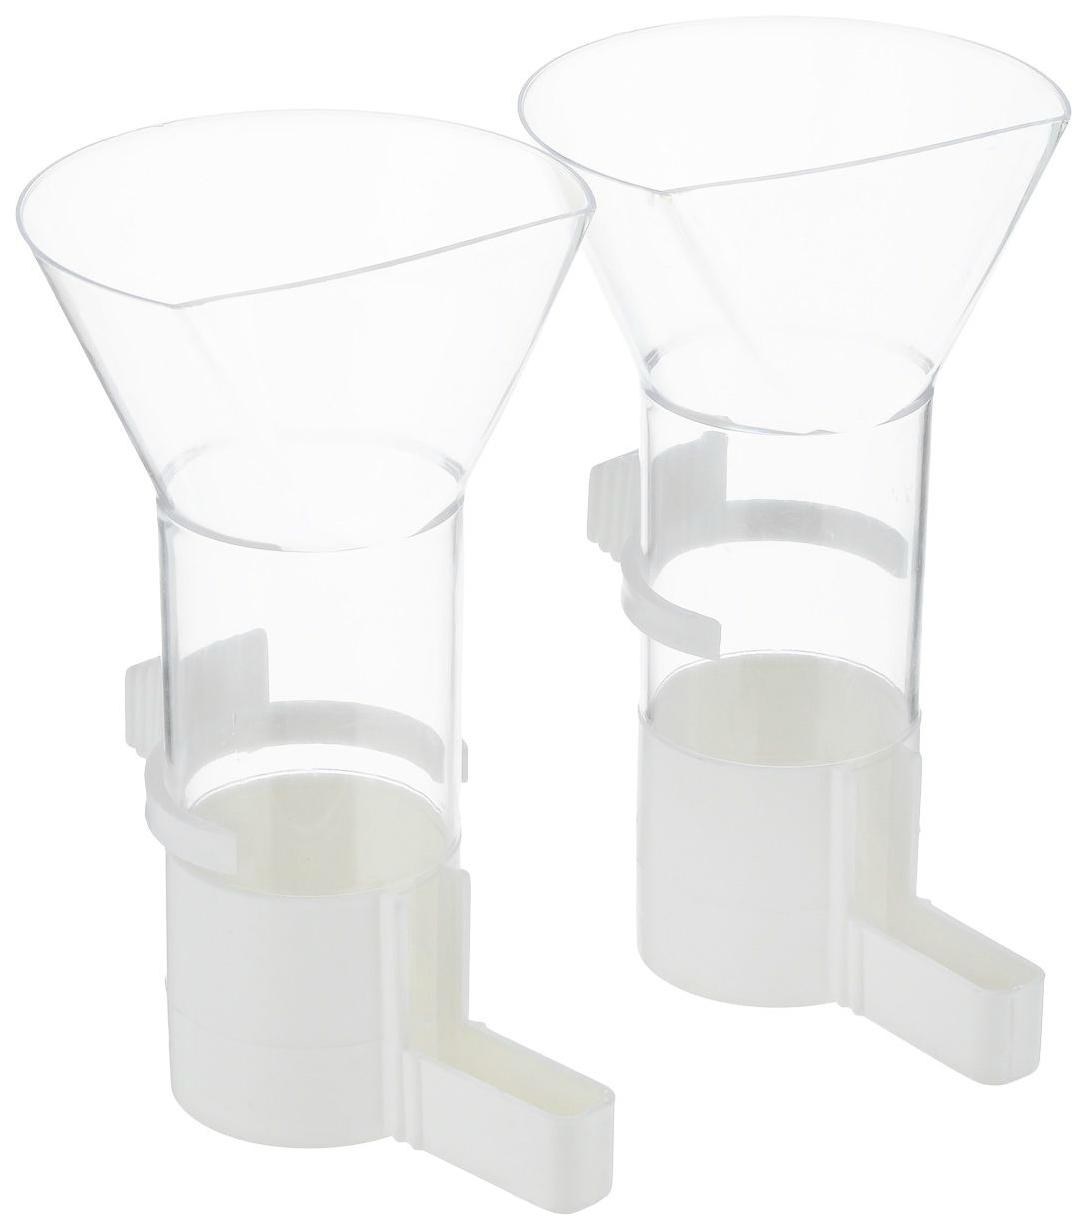 Кормушка для птиц Savic, пластик, прозрачный, 2